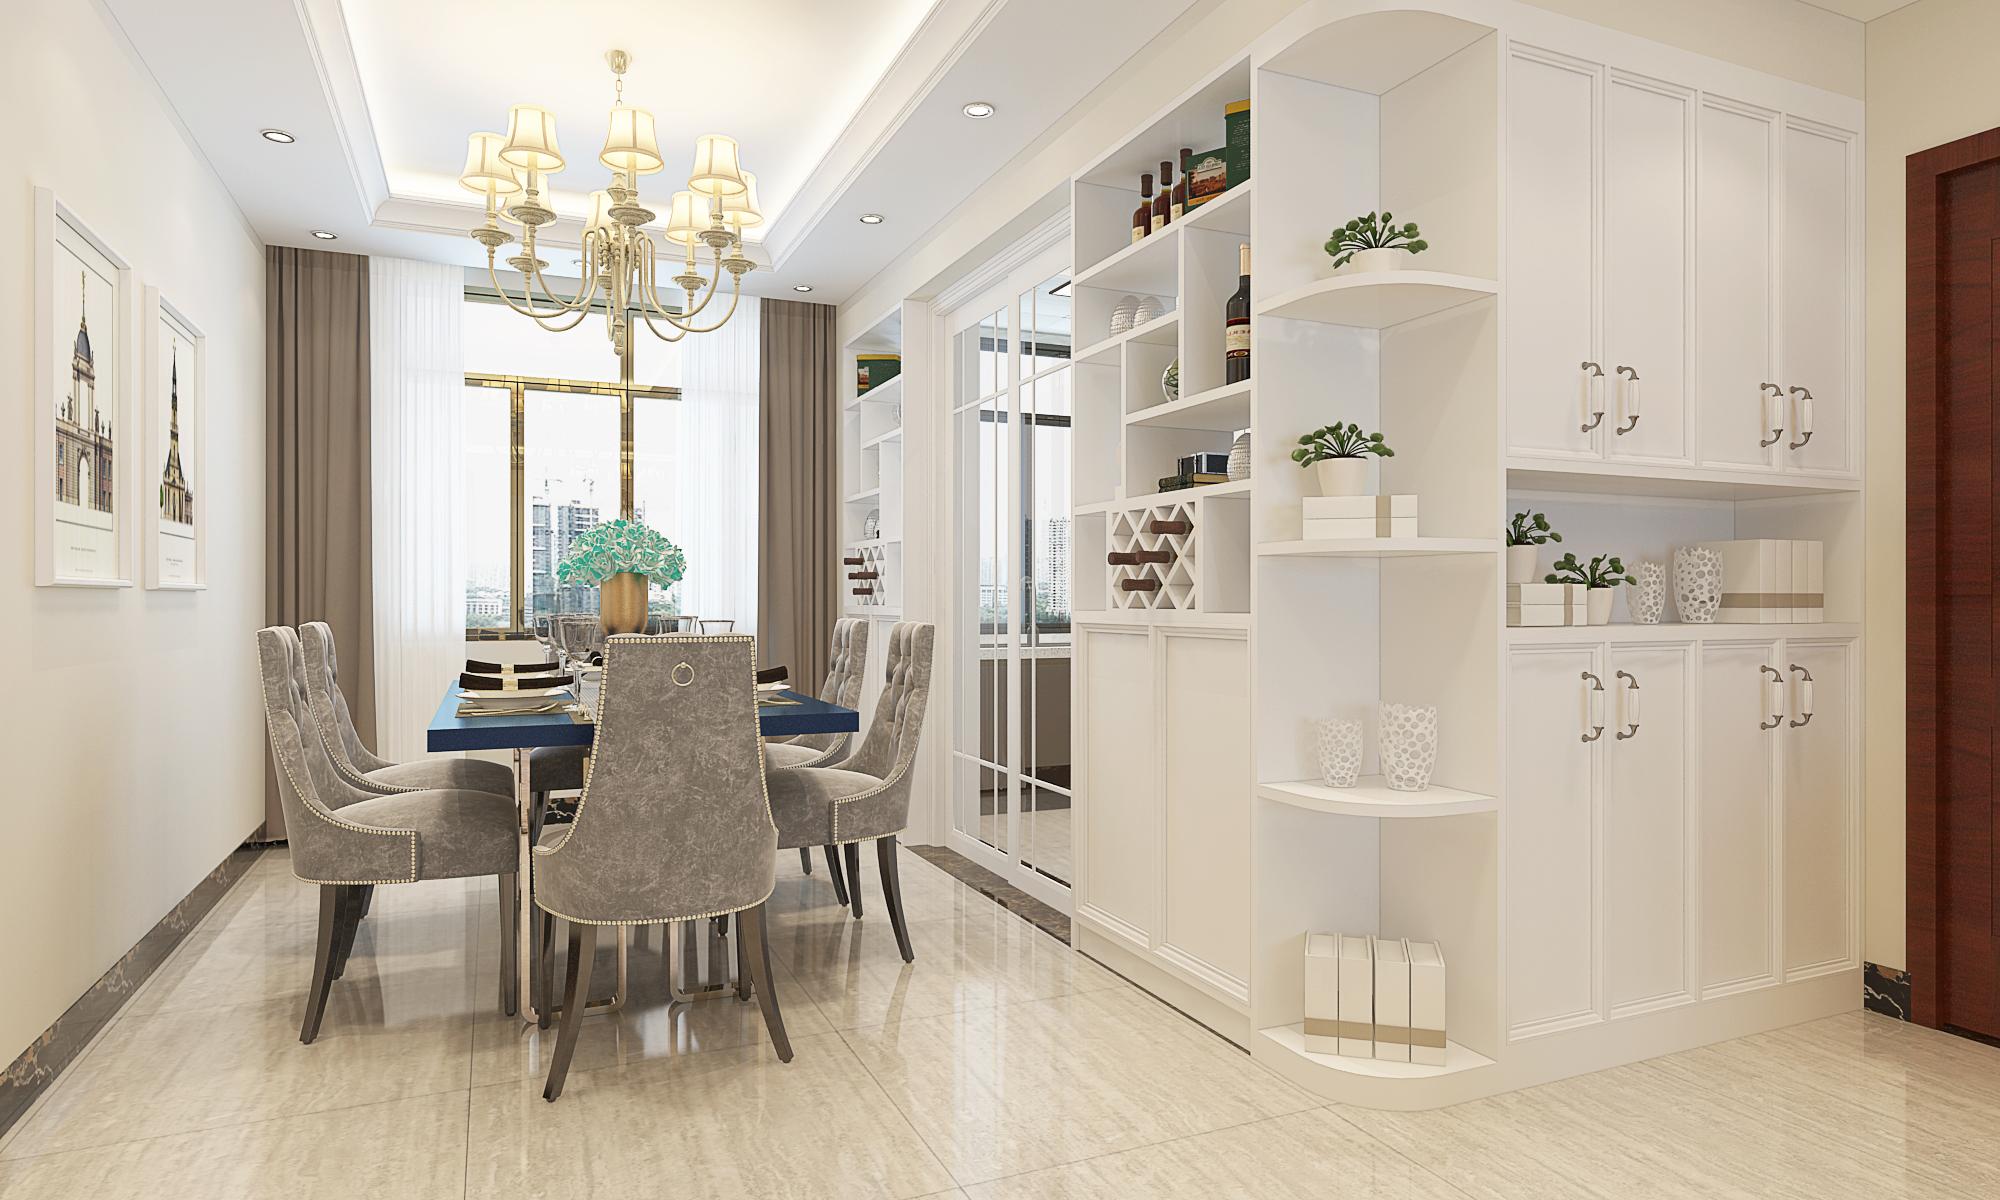 超现代 简约风格 白色调 恒大苹果园 餐厅图片来自广西品匠装饰集团在恒大苹果园超现代风格装修案例的分享